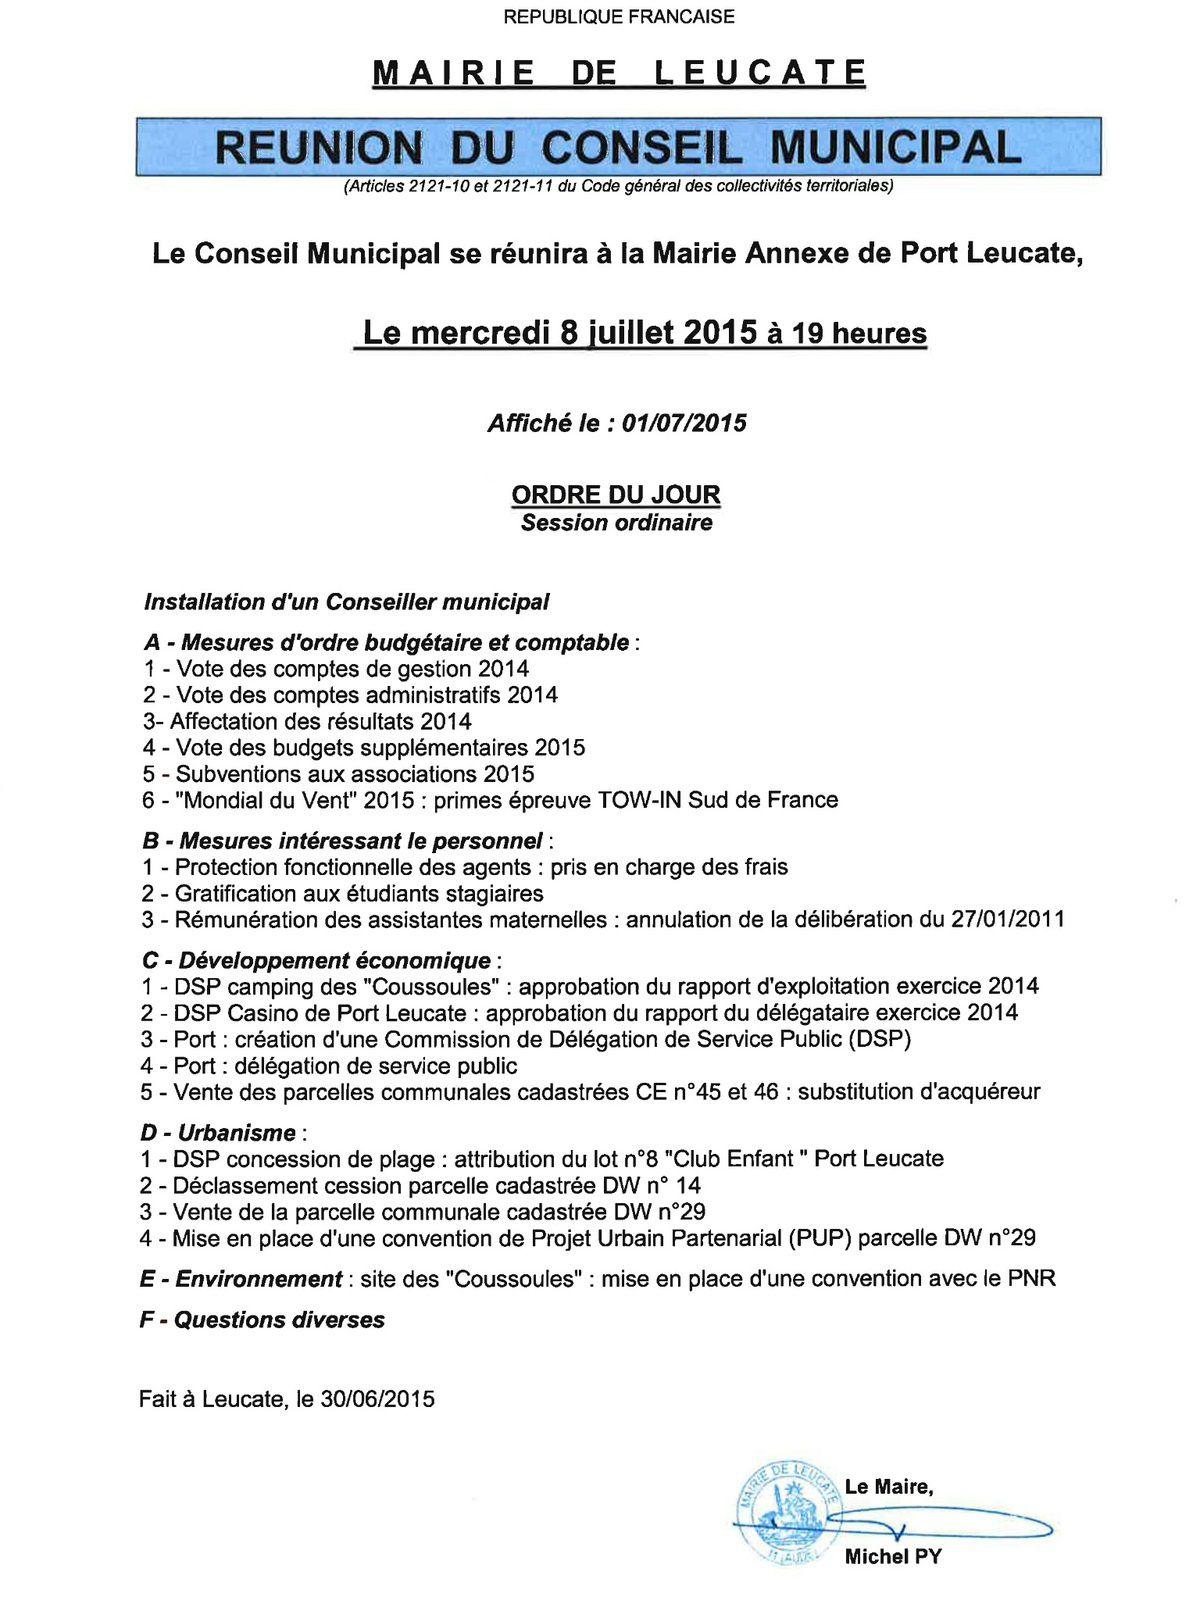 Prochain conseil municipal: le 8 juillet 2015 à 19h